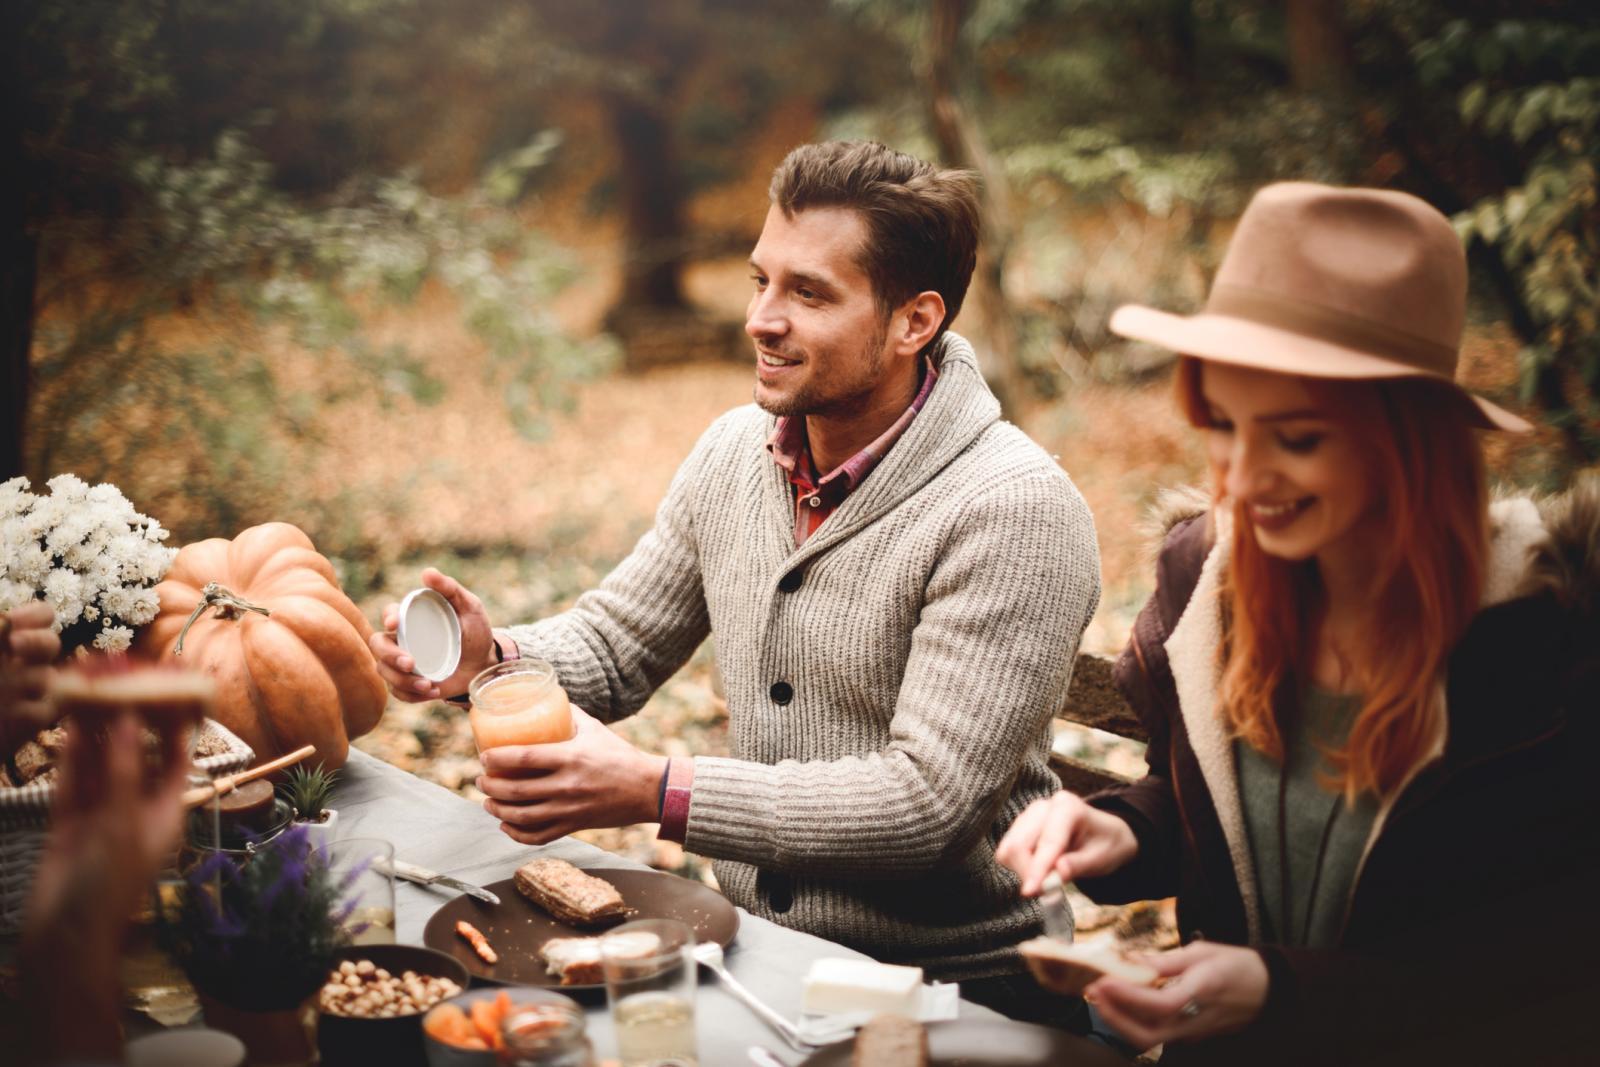 Je li vam poznato koja je to najveća razlika između žena i muškaraca kad je hrana u pitanju?